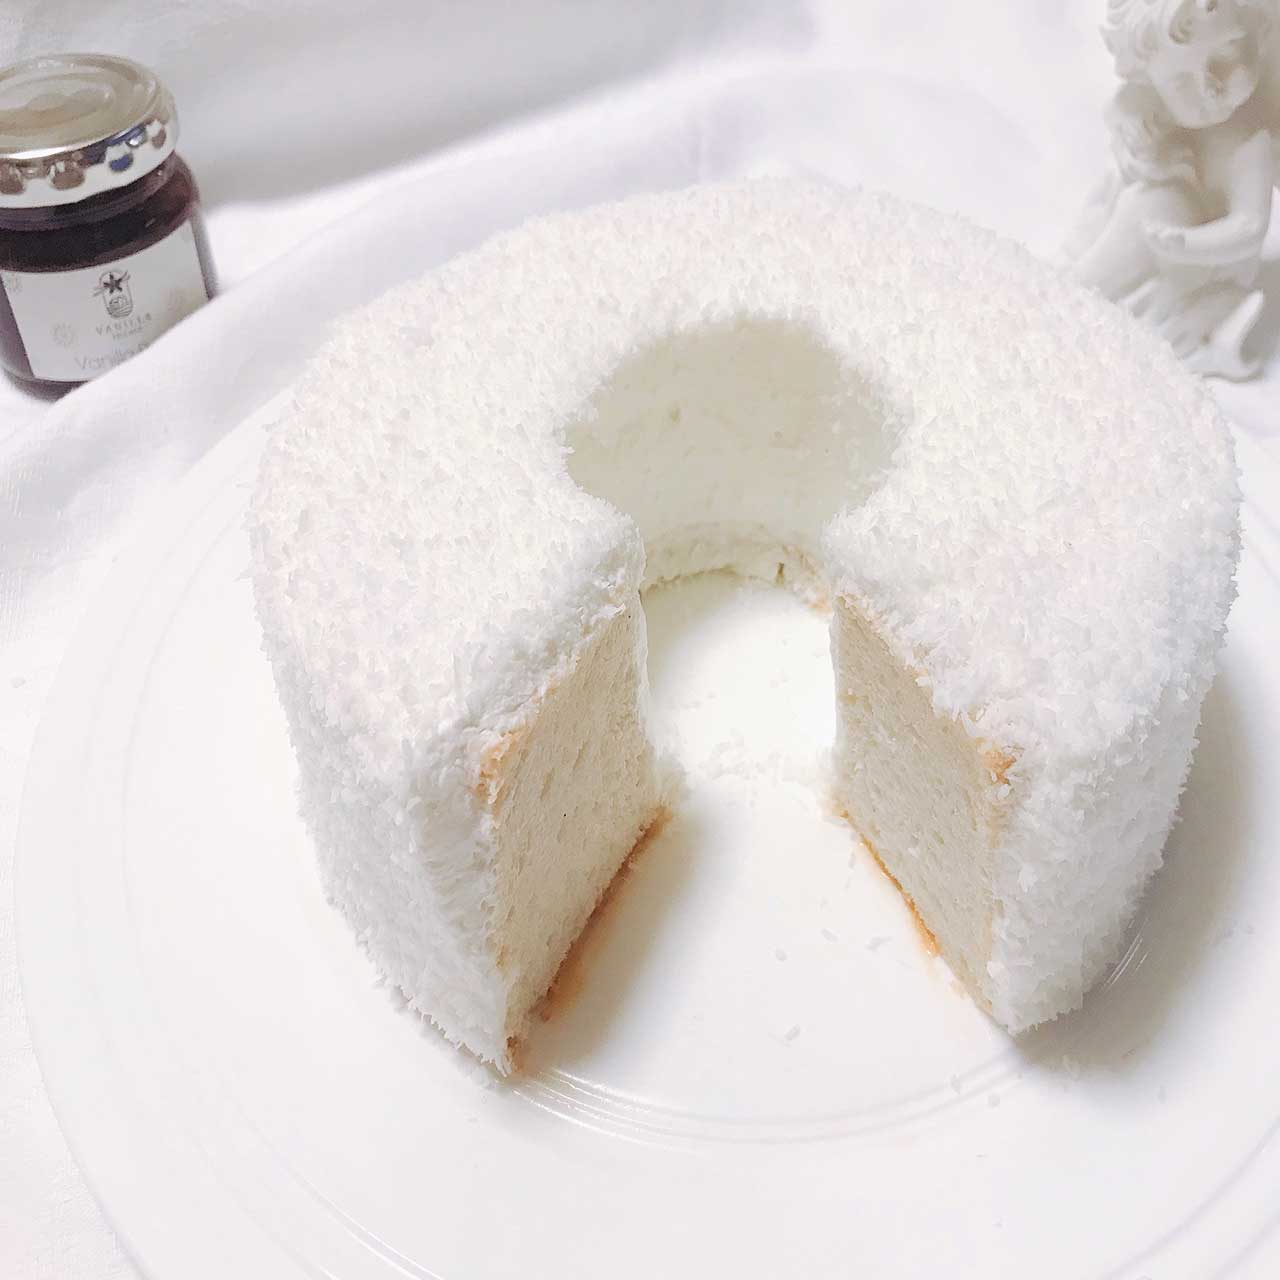 【バニラのエンゼルフードケーキ✨:天使の食べ物」という名前にふさわしい!まっしろケーキ🍰】